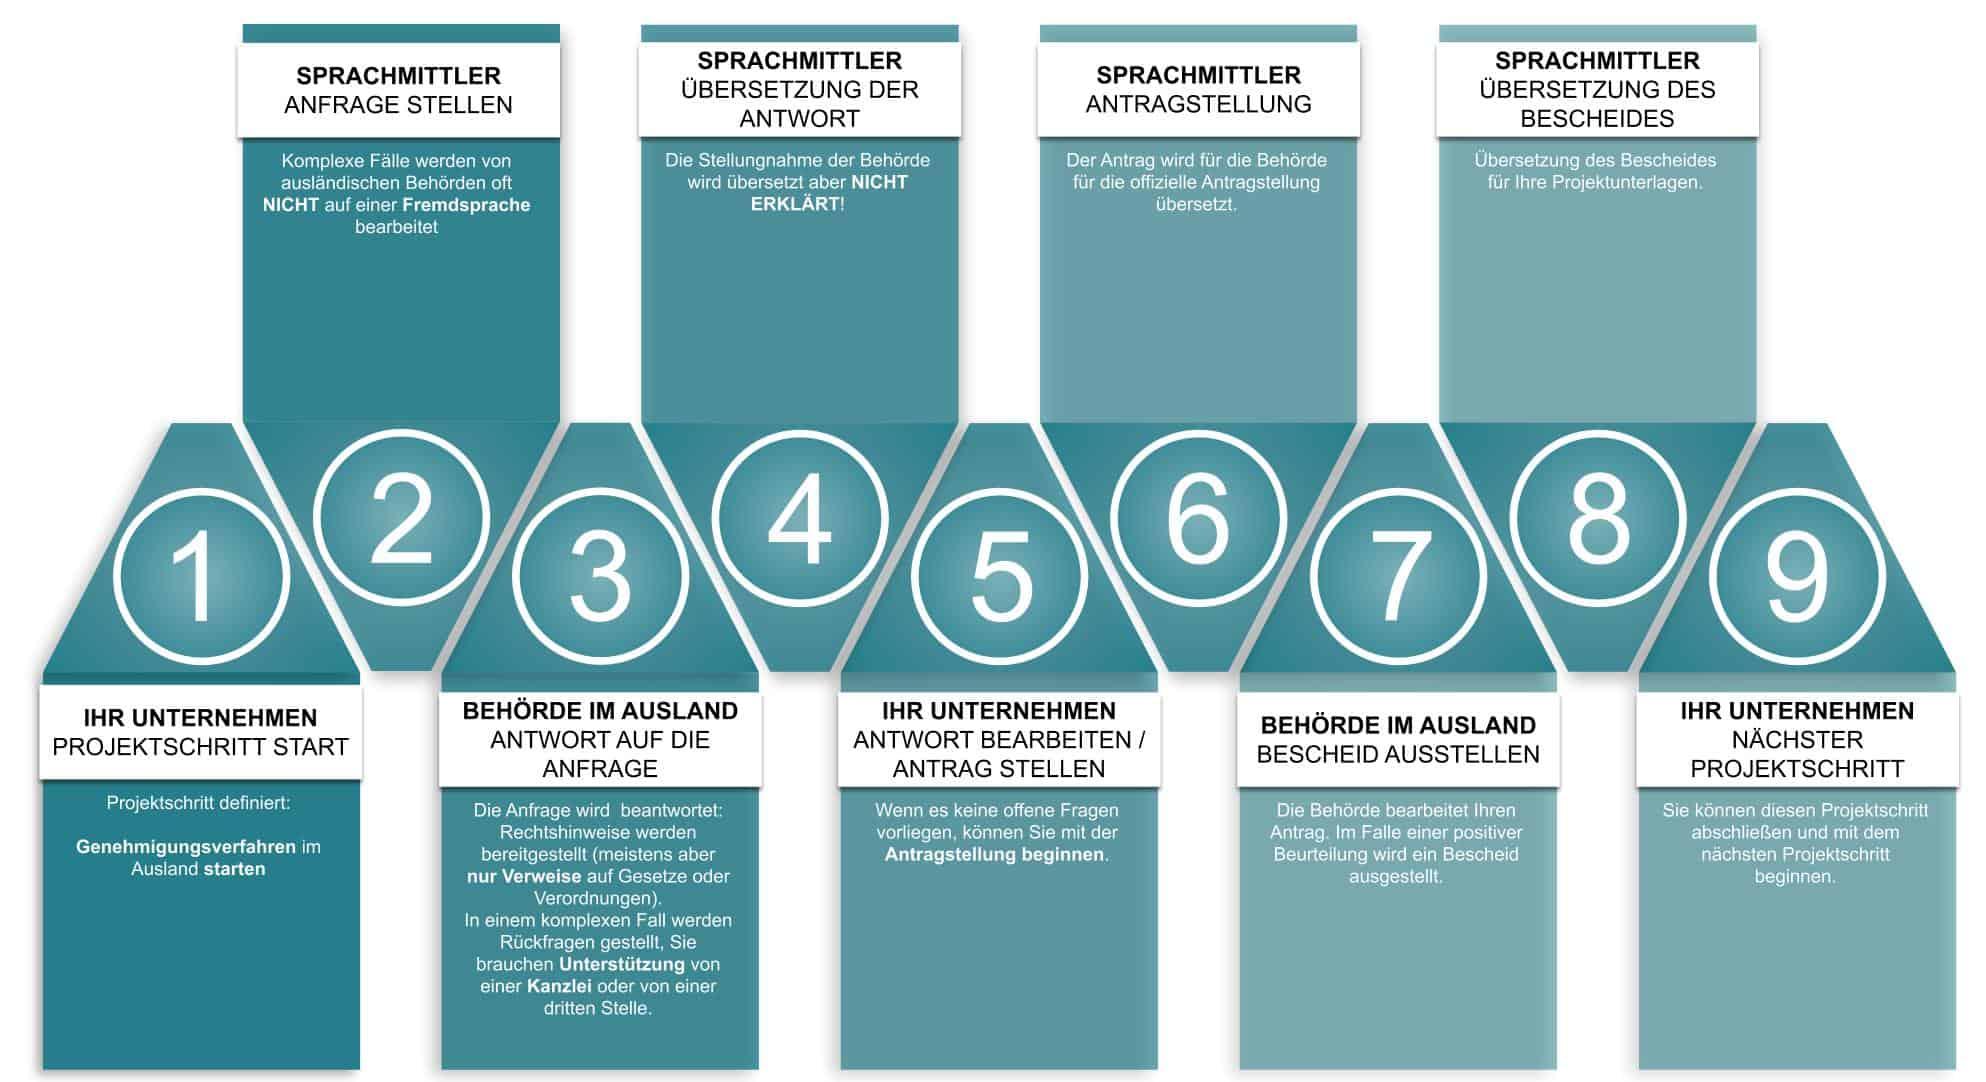 NULL-REBUS INTERNATIONALES PROJEKTBÜRO UND INTERNATIONALE UNTERNEHMENSBERATUNG: Konventioneller Projektablauf - unnötige Schleifen